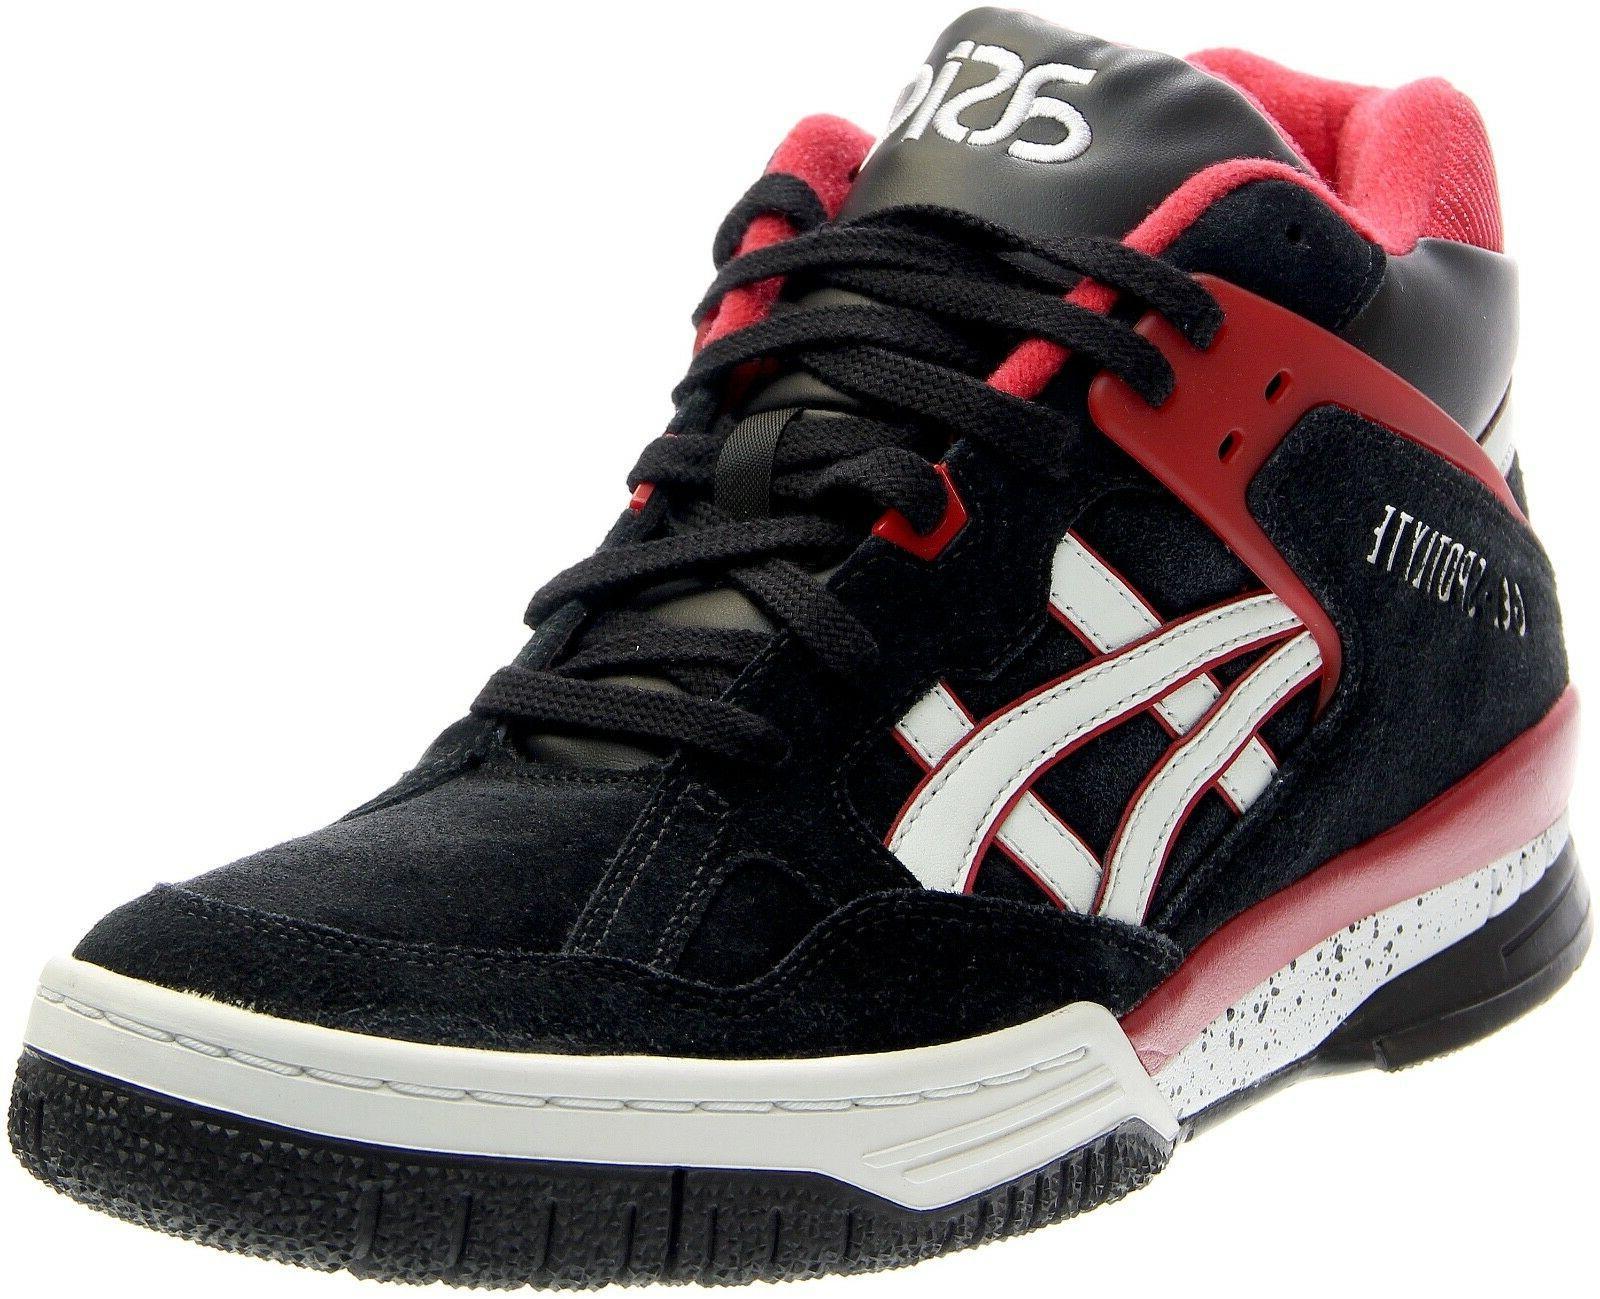 mens gel spotlyte high top sneakers black